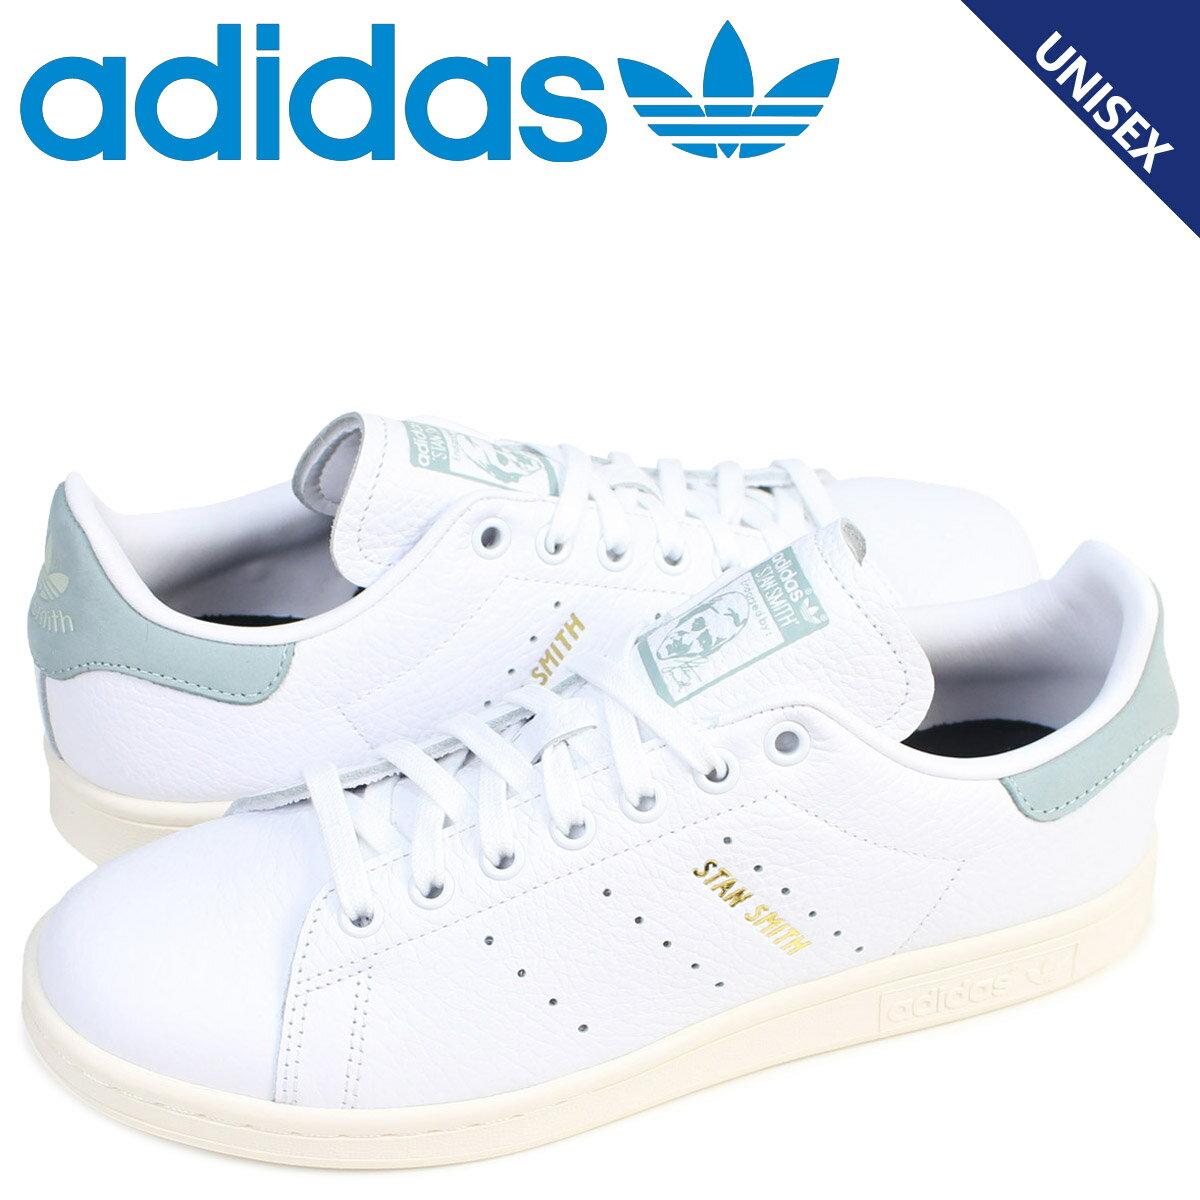 アディダス スタンスミス adidas originals スニーカー STAN SMITH メンズ レディース BZ0470 靴 ホワイト 【11/13 追加入荷】